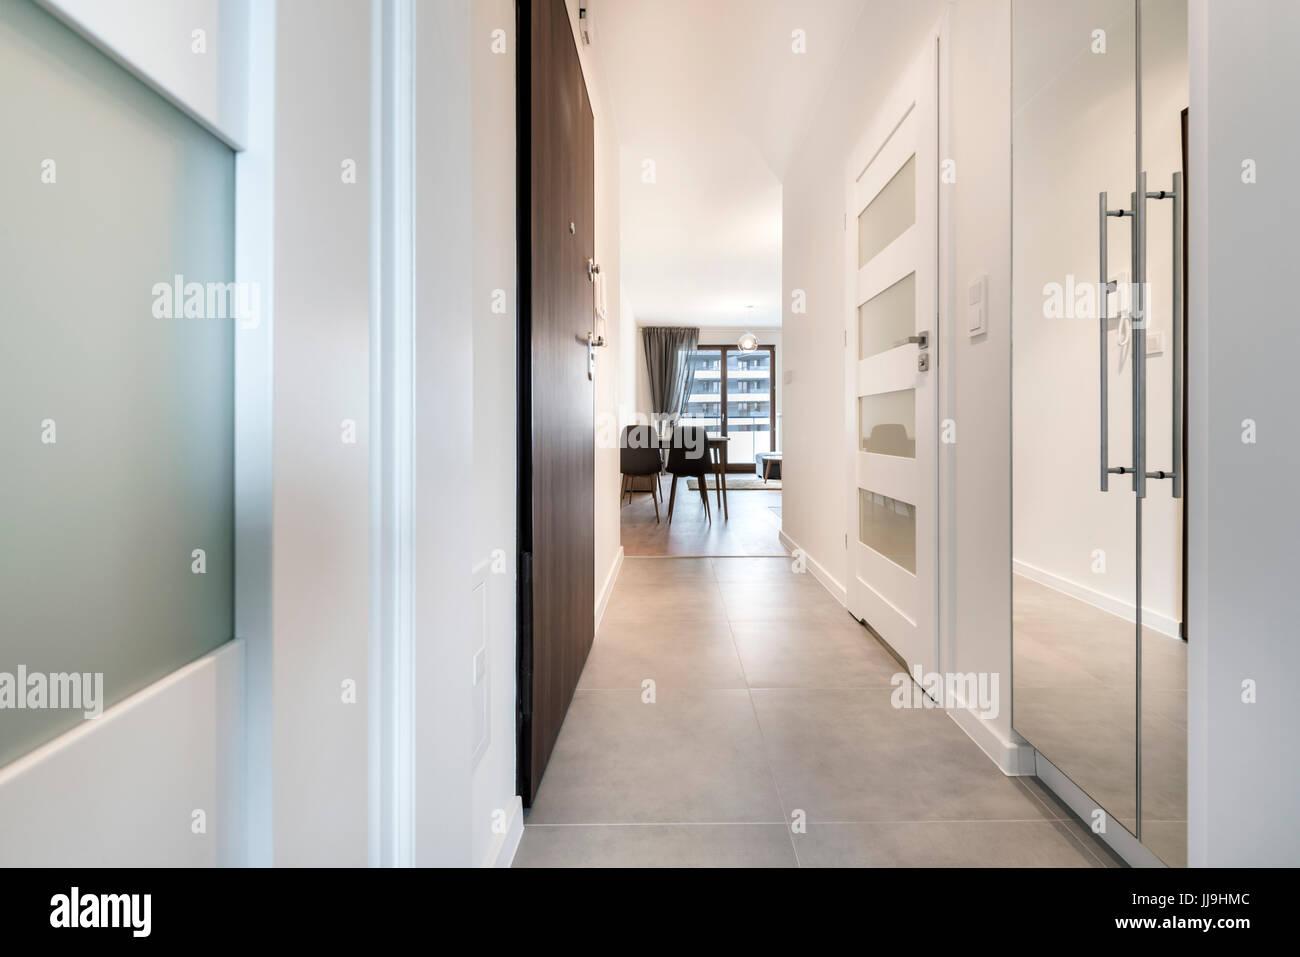 Corridoio con pavimento in piastrelle in moderno appartamento foto